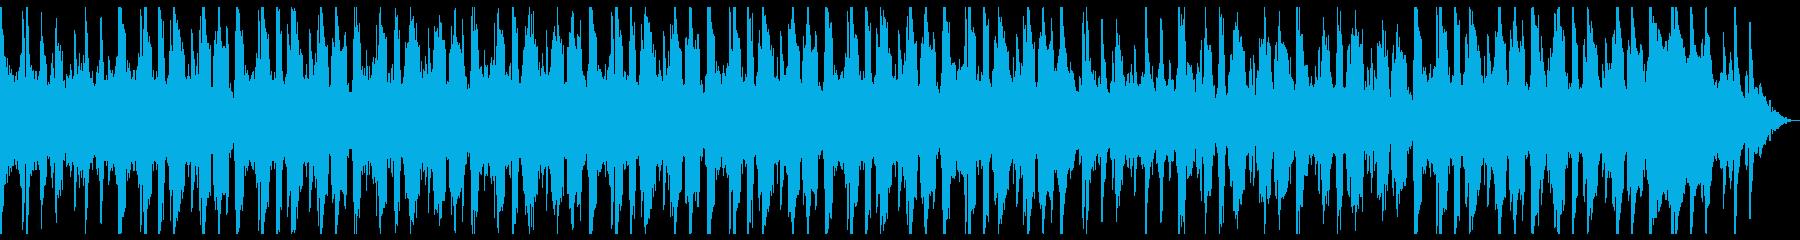 ピアノの旋律が素晴らしいチルトラック♪の再生済みの波形